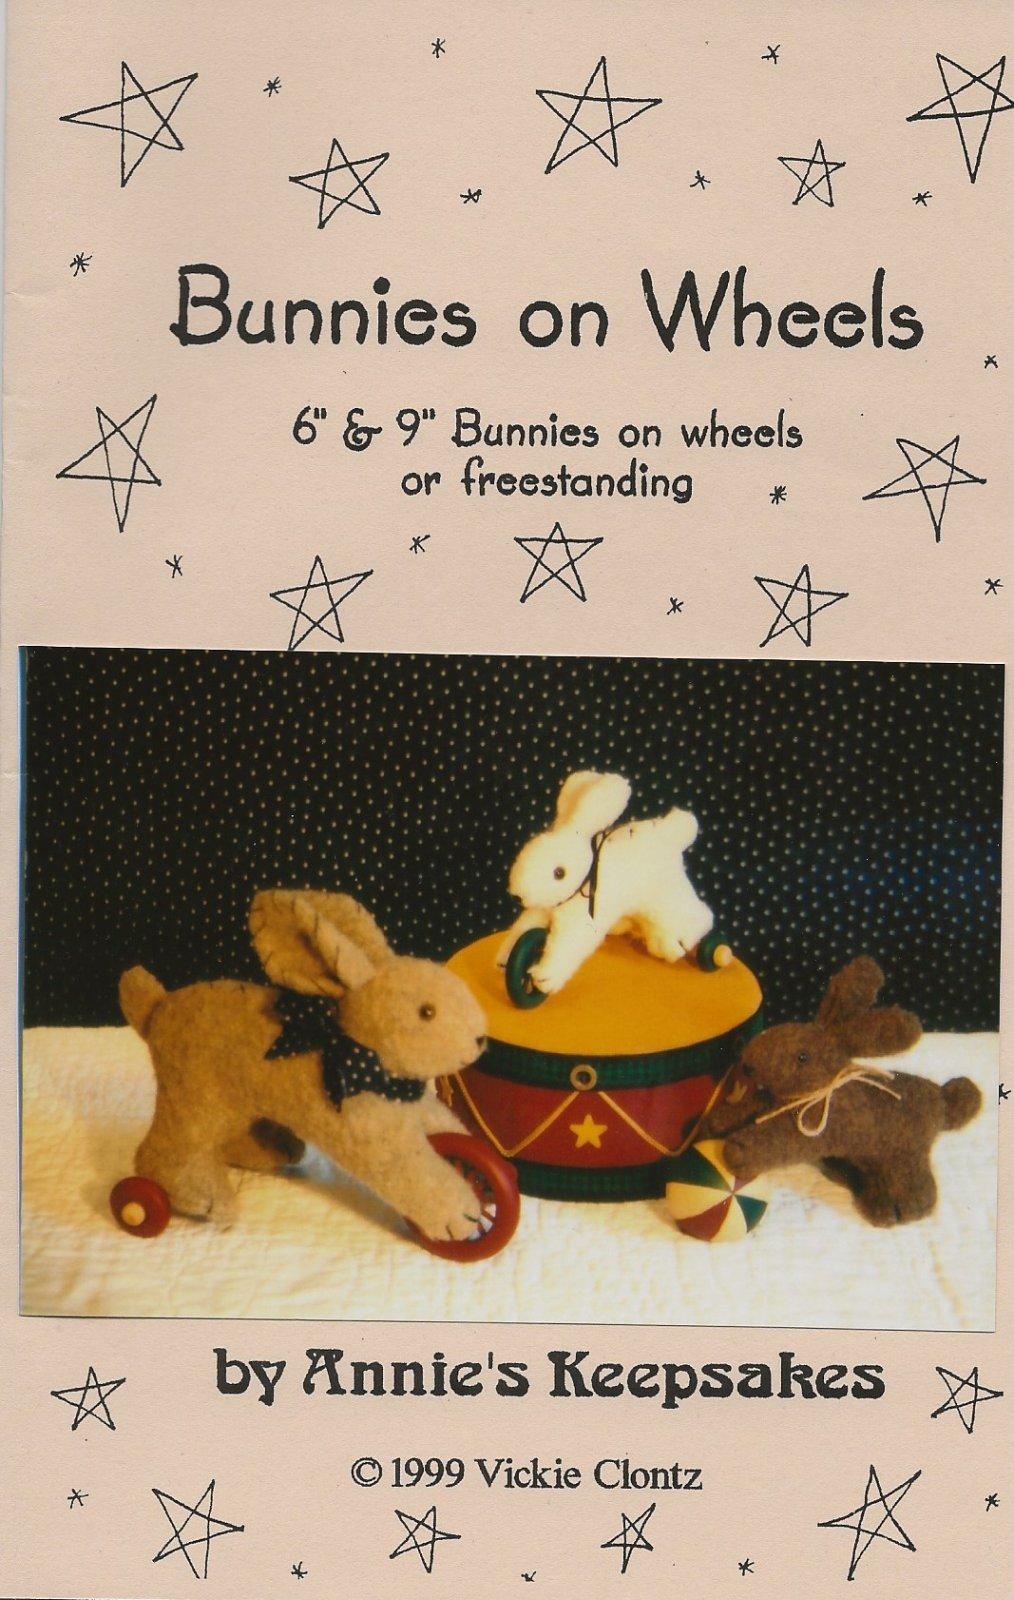 Bunnies on Wheels